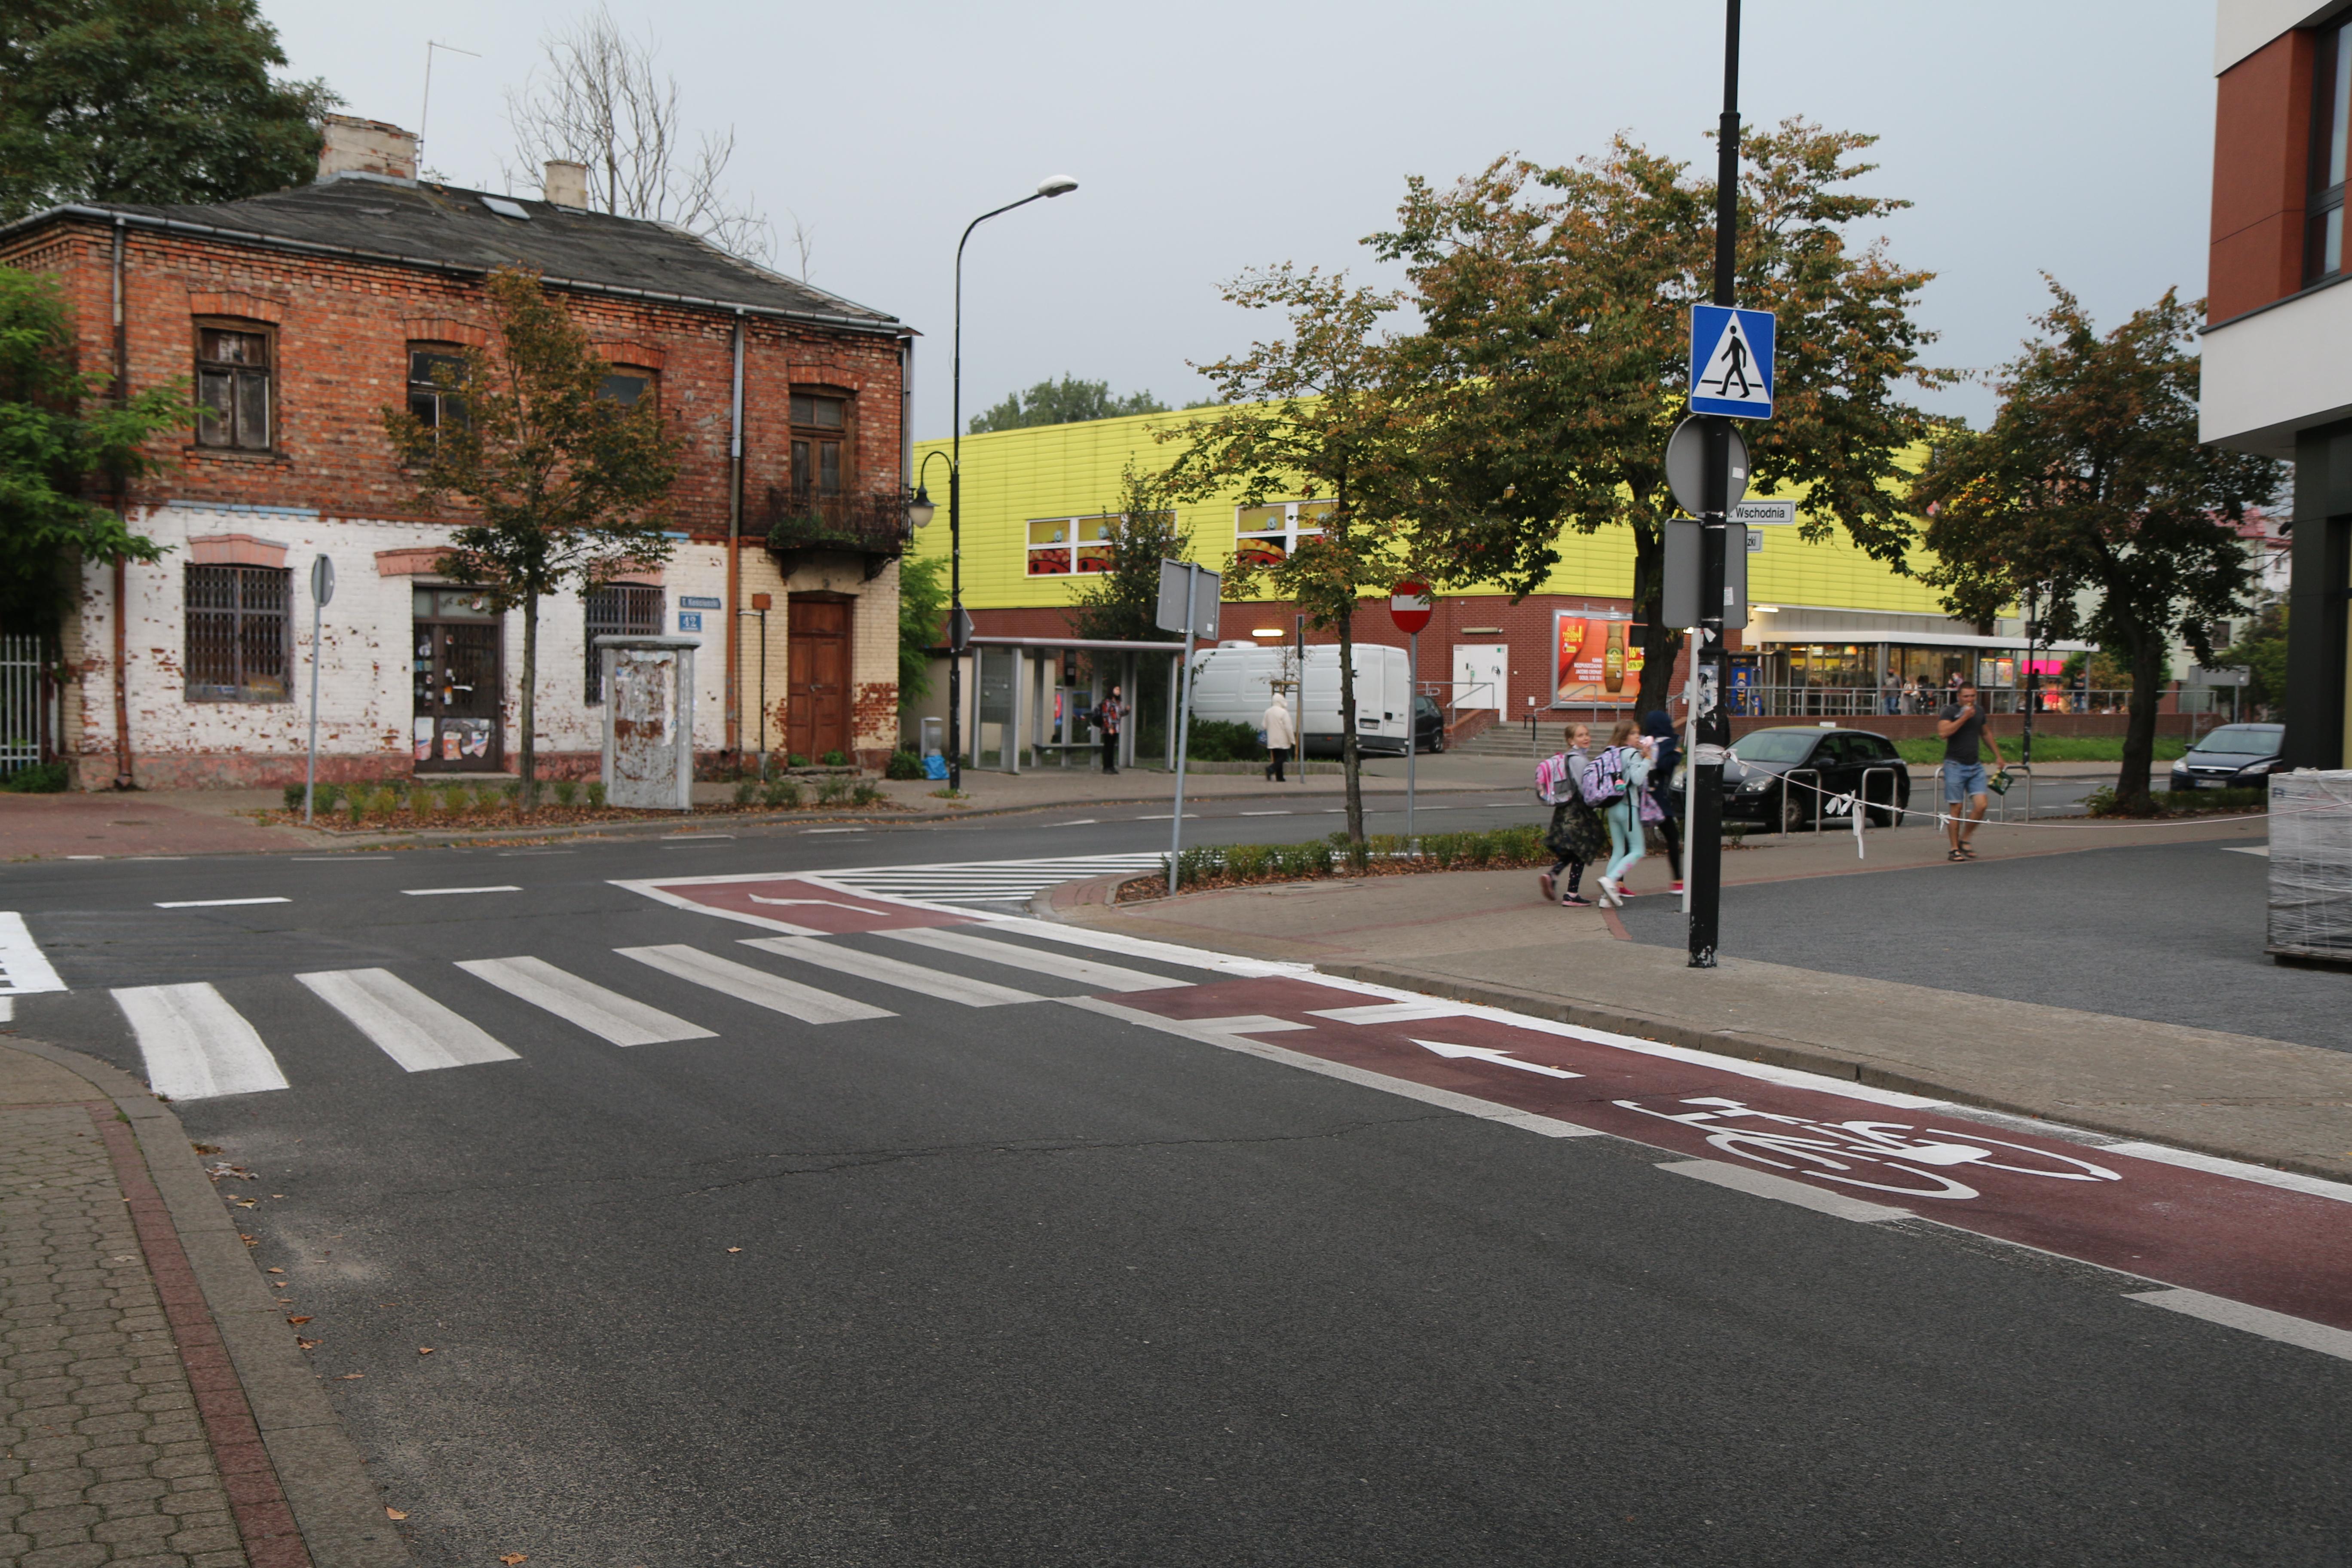 Nowa infrastruktura rowerowa w Piasecznie. Na zdjęciu koniec kontrapasa rowerowego u wylotu ul. Wschodniej od strony ul. Kościuszki.